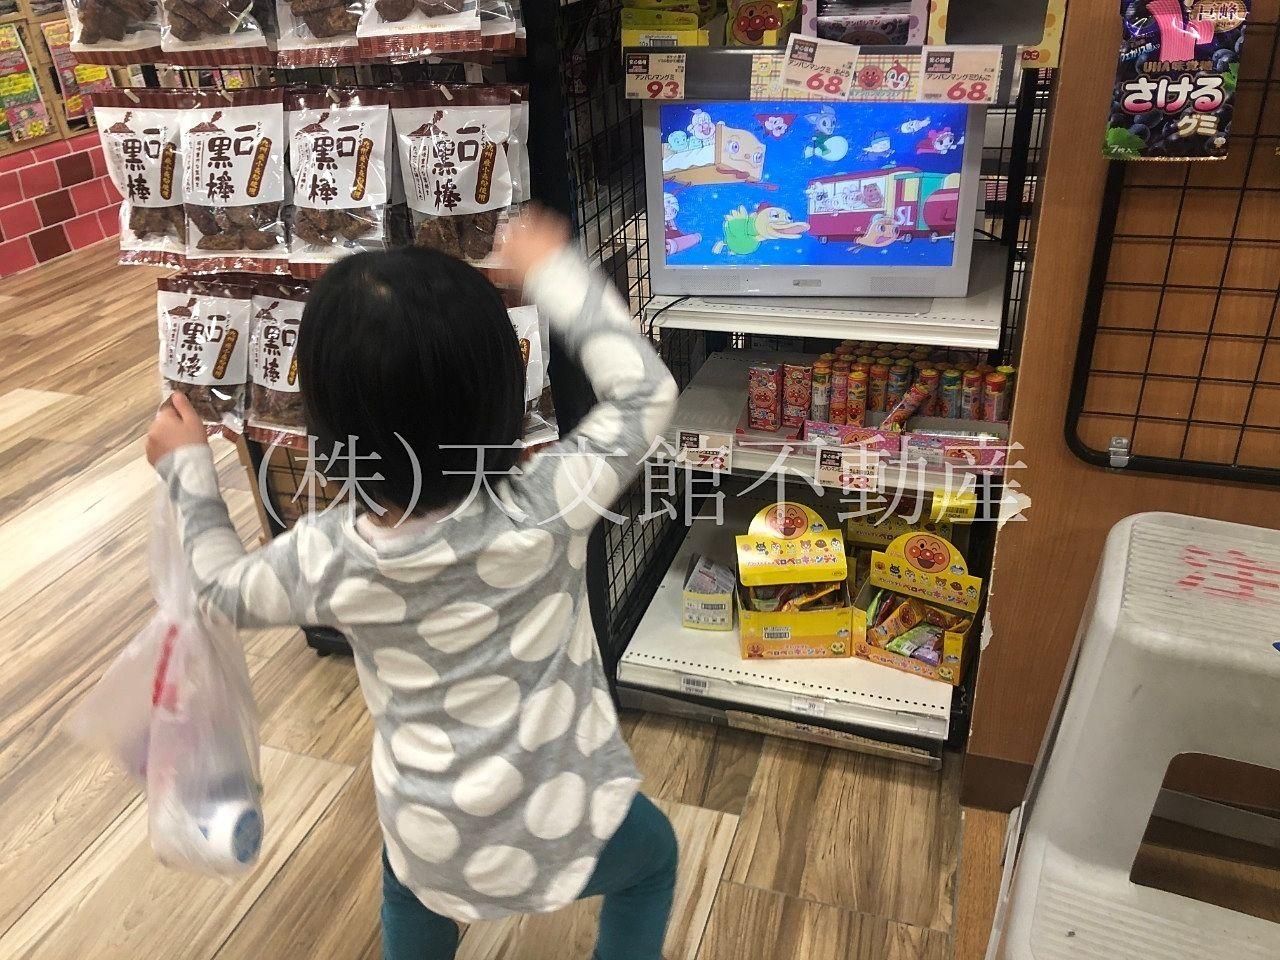 鹿児島市鴨池新町のスカイマーケット鴨池店はお菓子コーナーの種類も多くて助かります。